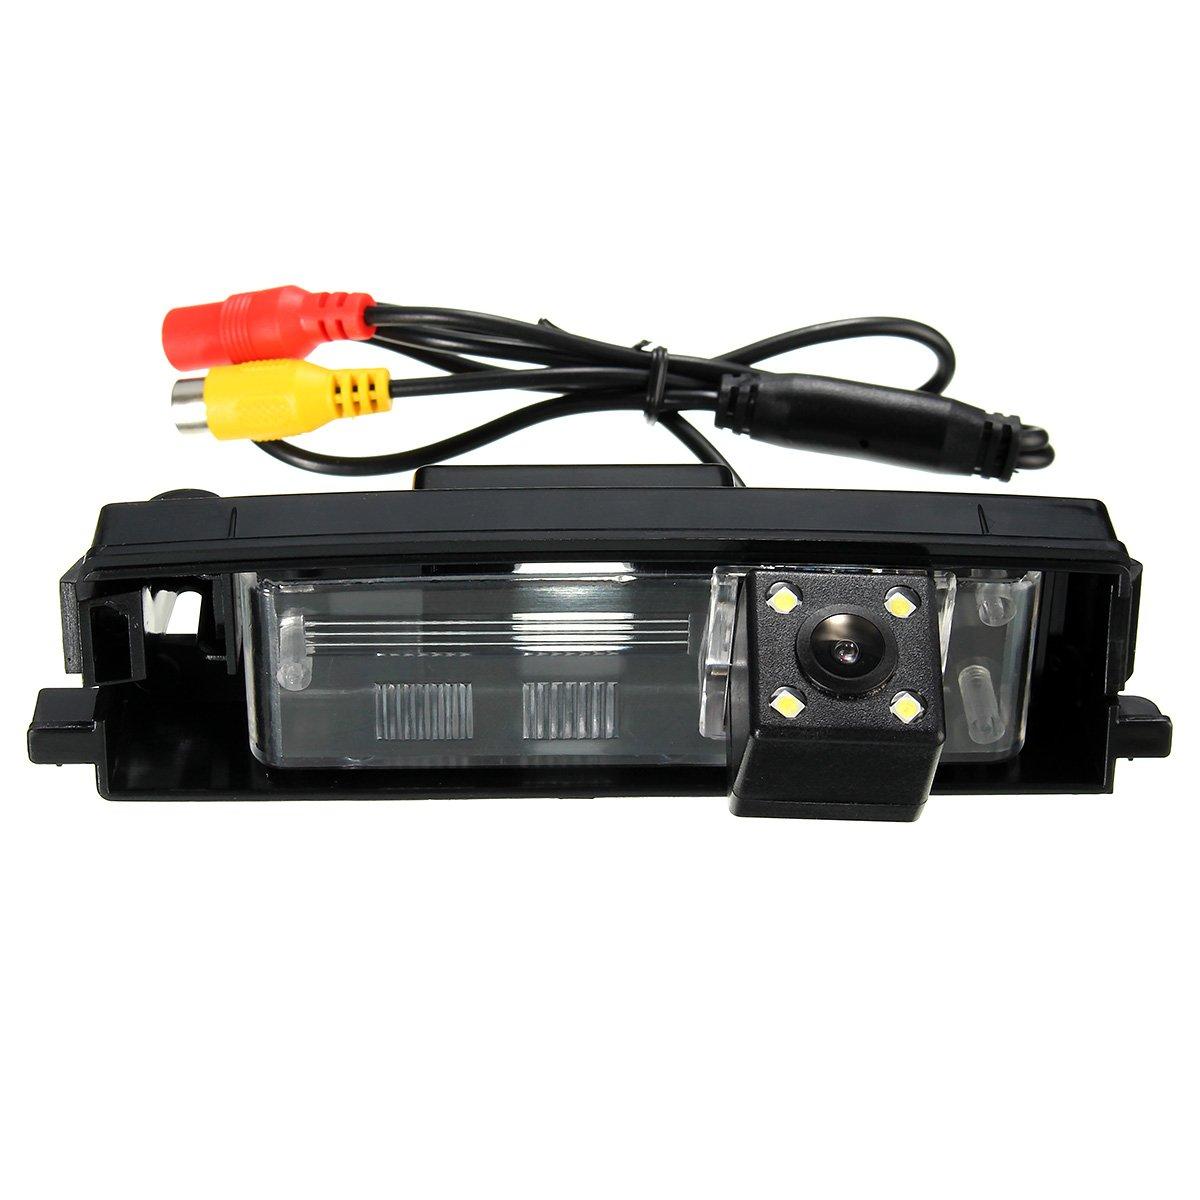 GOZAR Camé ra De Recul De Voiture De Vision Nocturne De Ccd De Voiture Pour Toyota Rav4 2000-2012